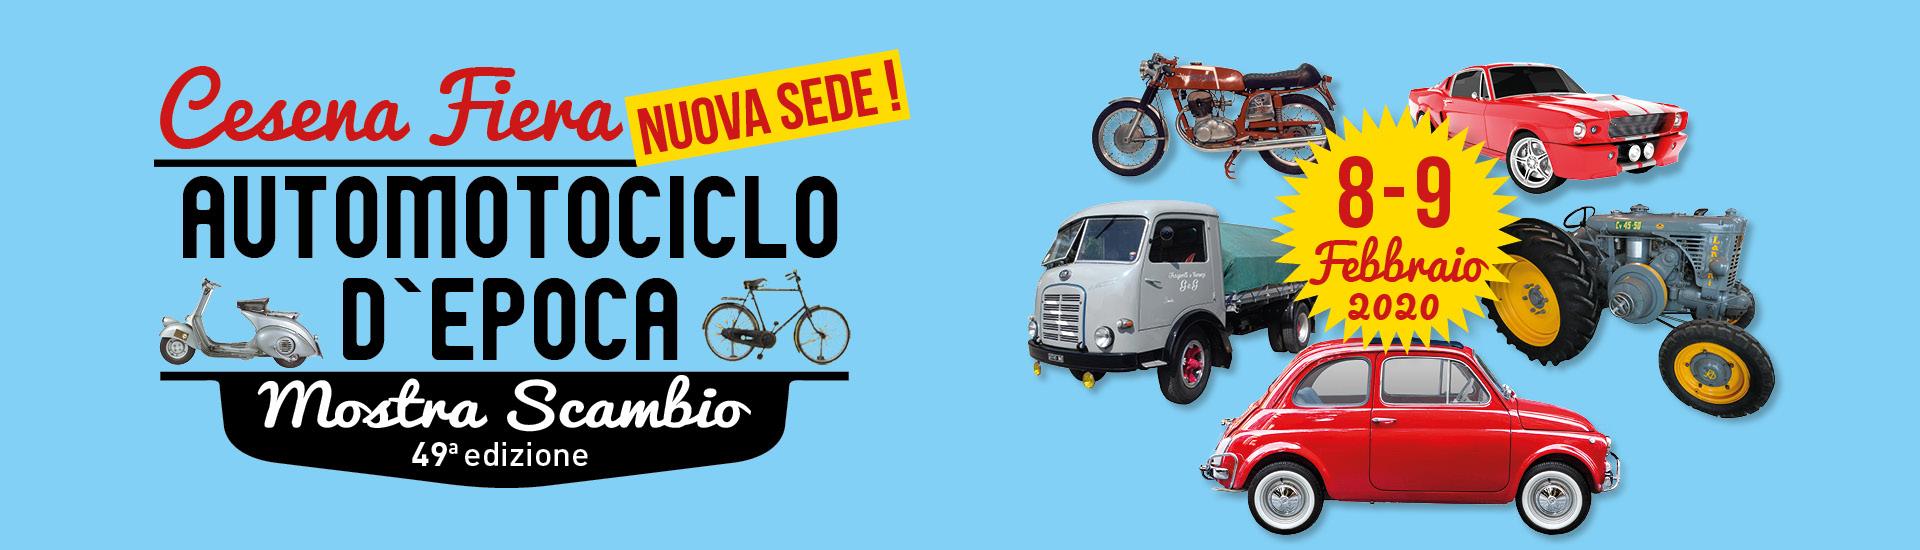 Calendario Mostre Scambio.Mostra Scambio Automotociclo D Epoca Cesena Museo